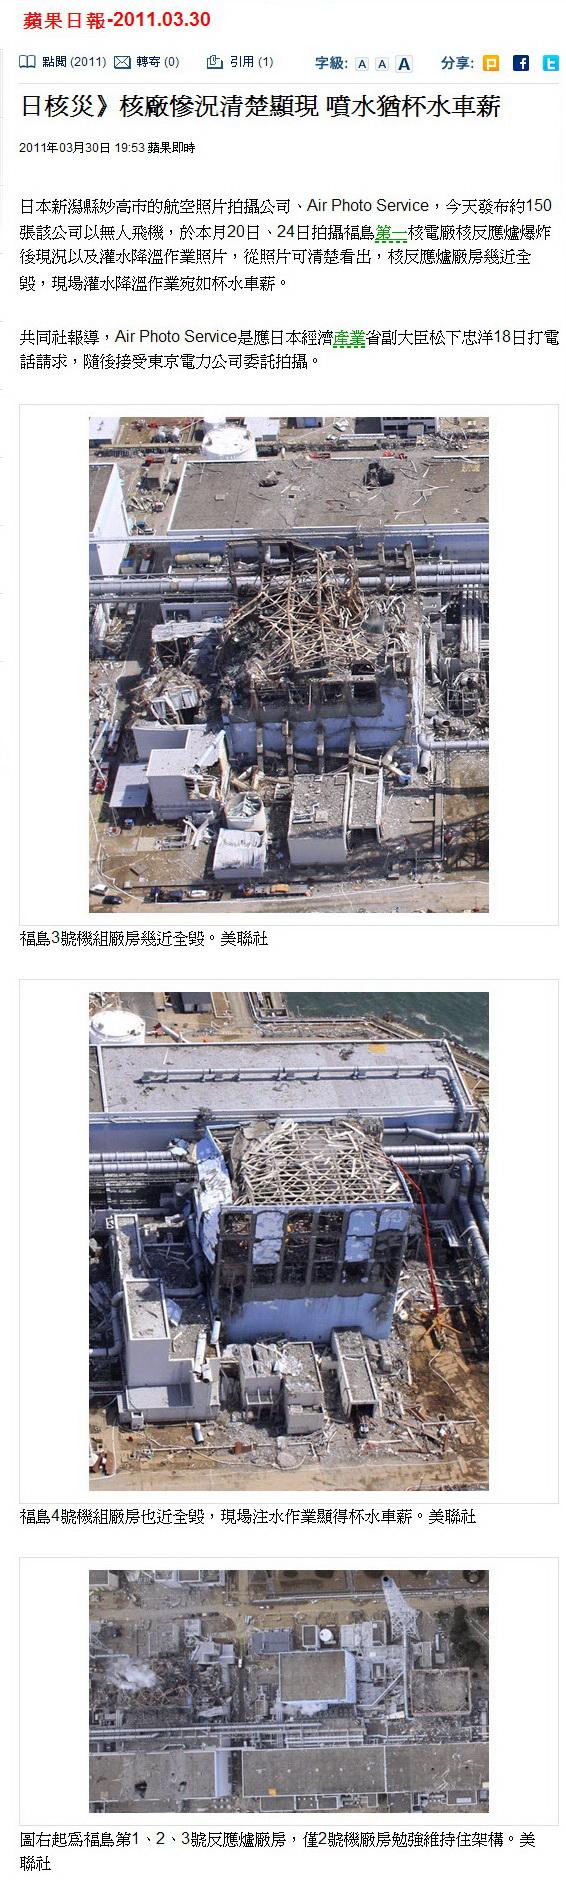 日核災》核廠慘況清楚顯現 噴水猶杯水車薪-2011.03.30-2.jpg